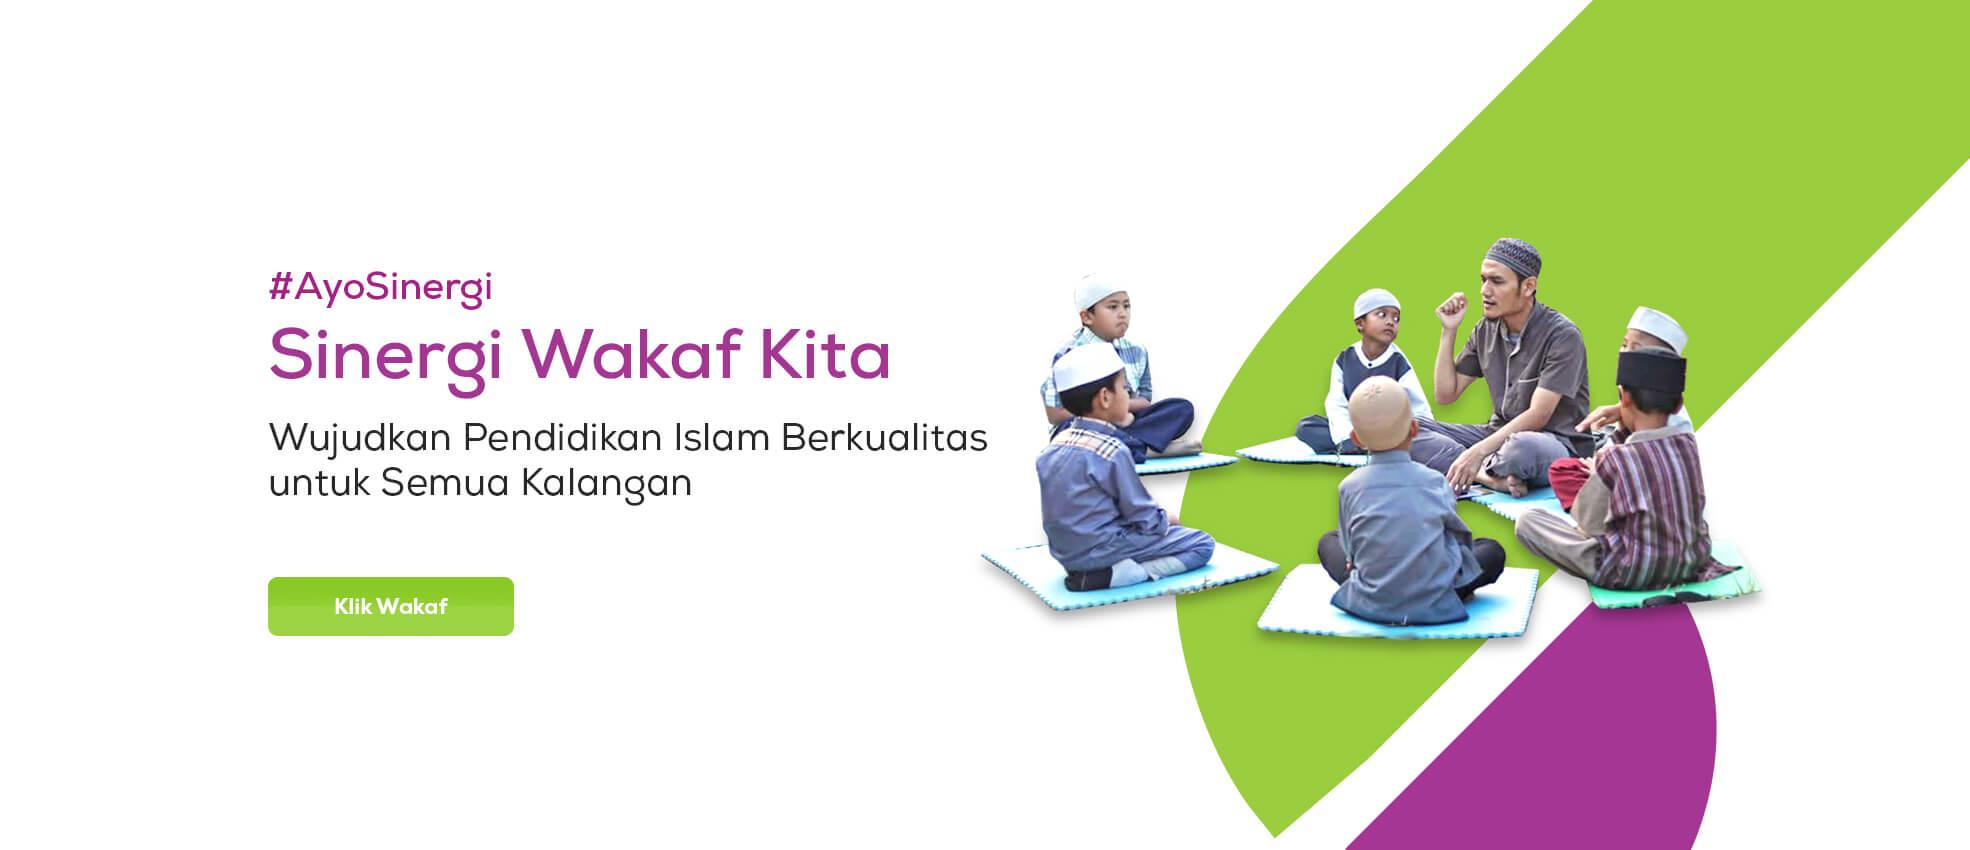 wakaf kuttab al fatih, sekolah gratis, peradaban islam